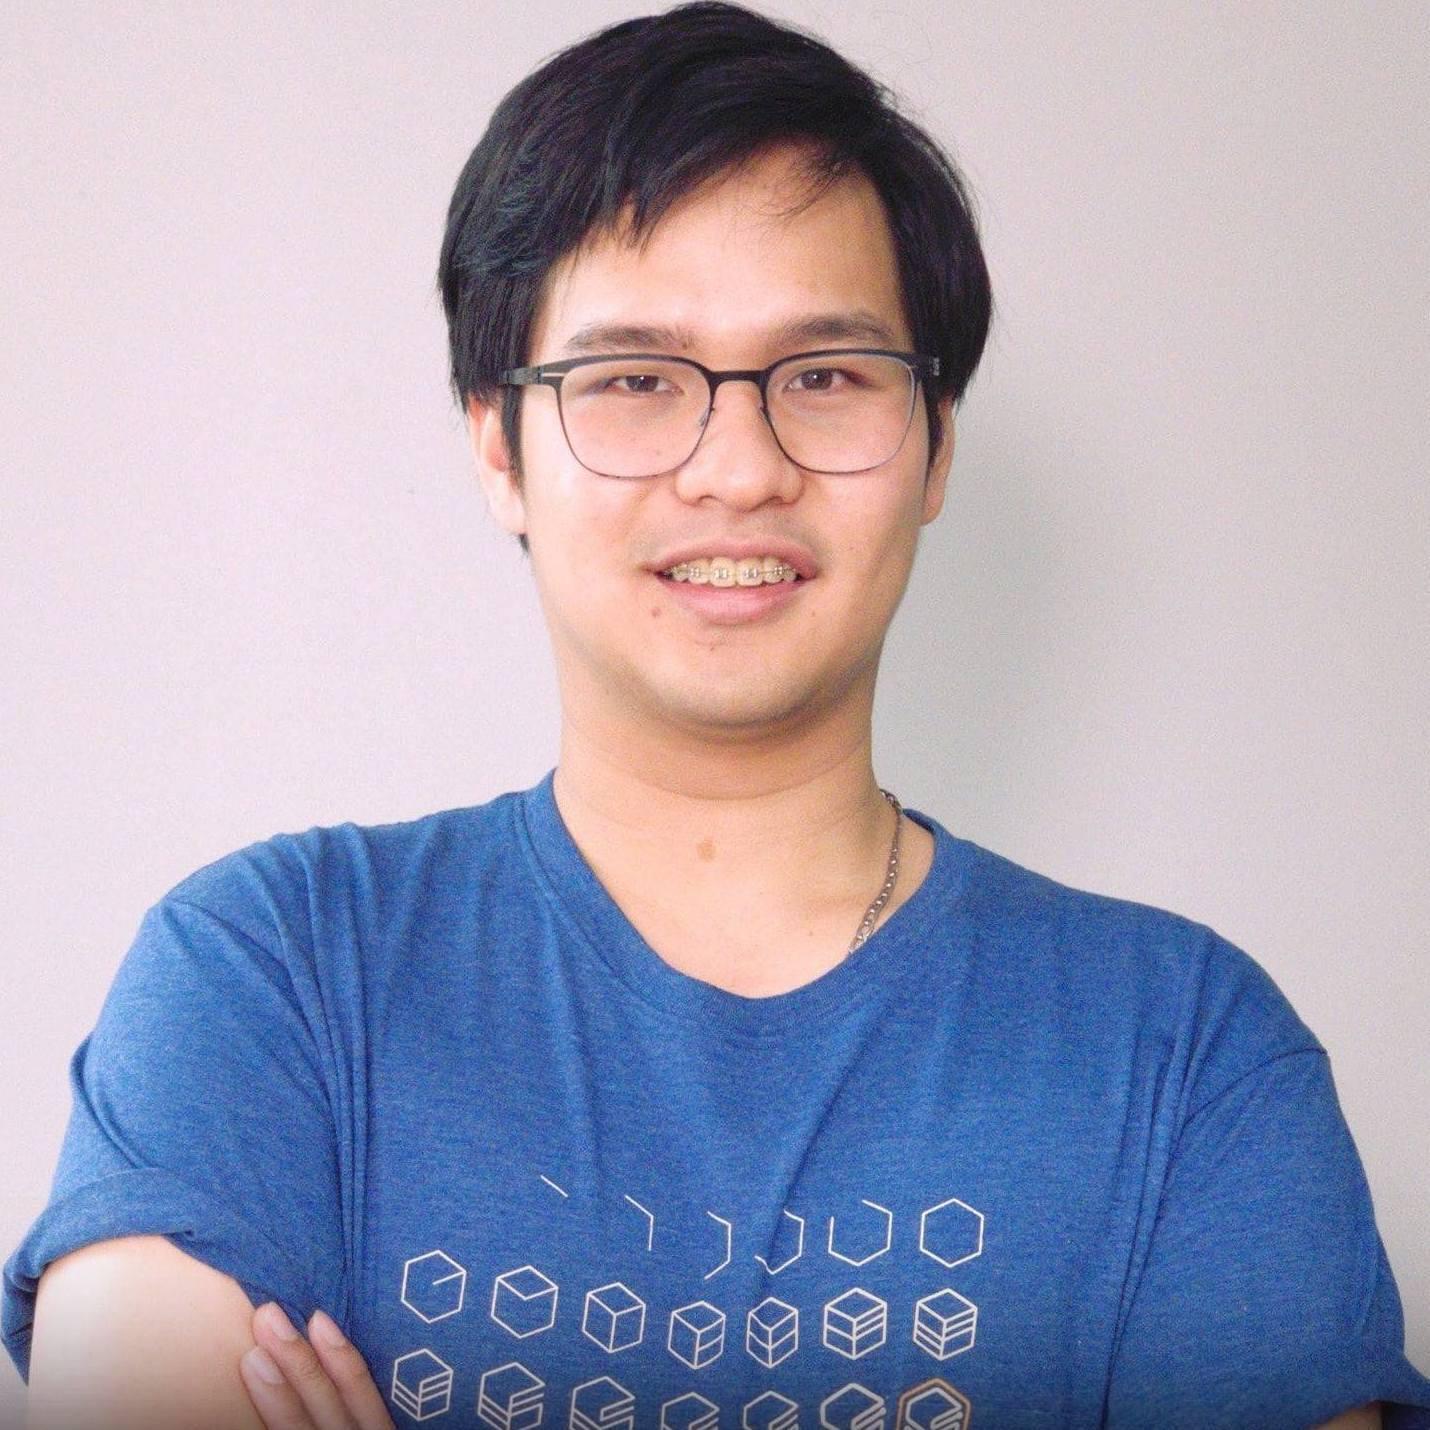 ณัฐนันท์ ฉันทานุรักษ์ (Lead Software Engineer, แอปพลิเคชั่น Learn Anywhere ) | Skooldio Instructor